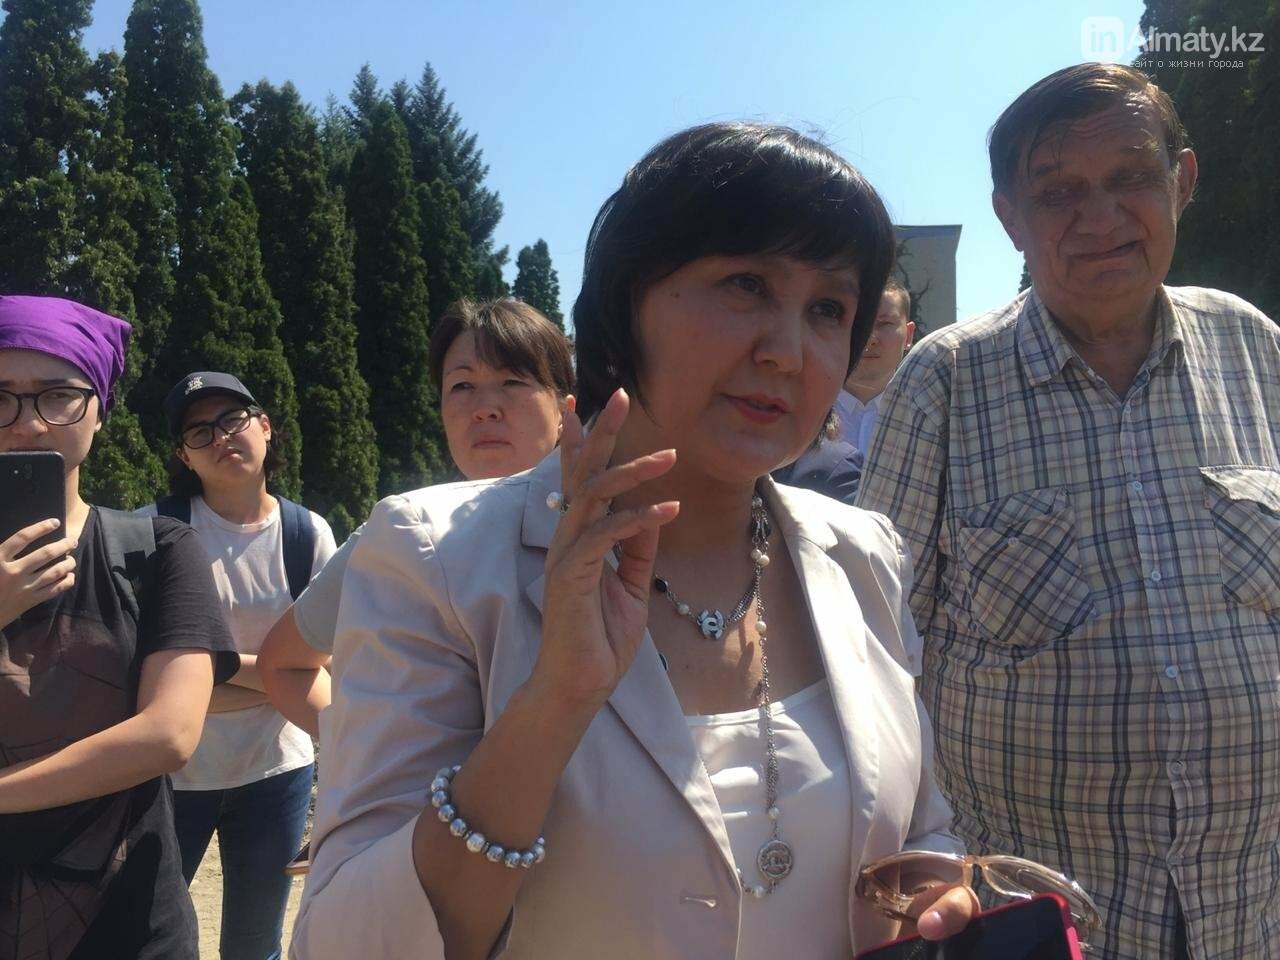 Перекидывали мусор: часть ботанического сада Алматы оградят 3-х метровым забором (фото), фото-1